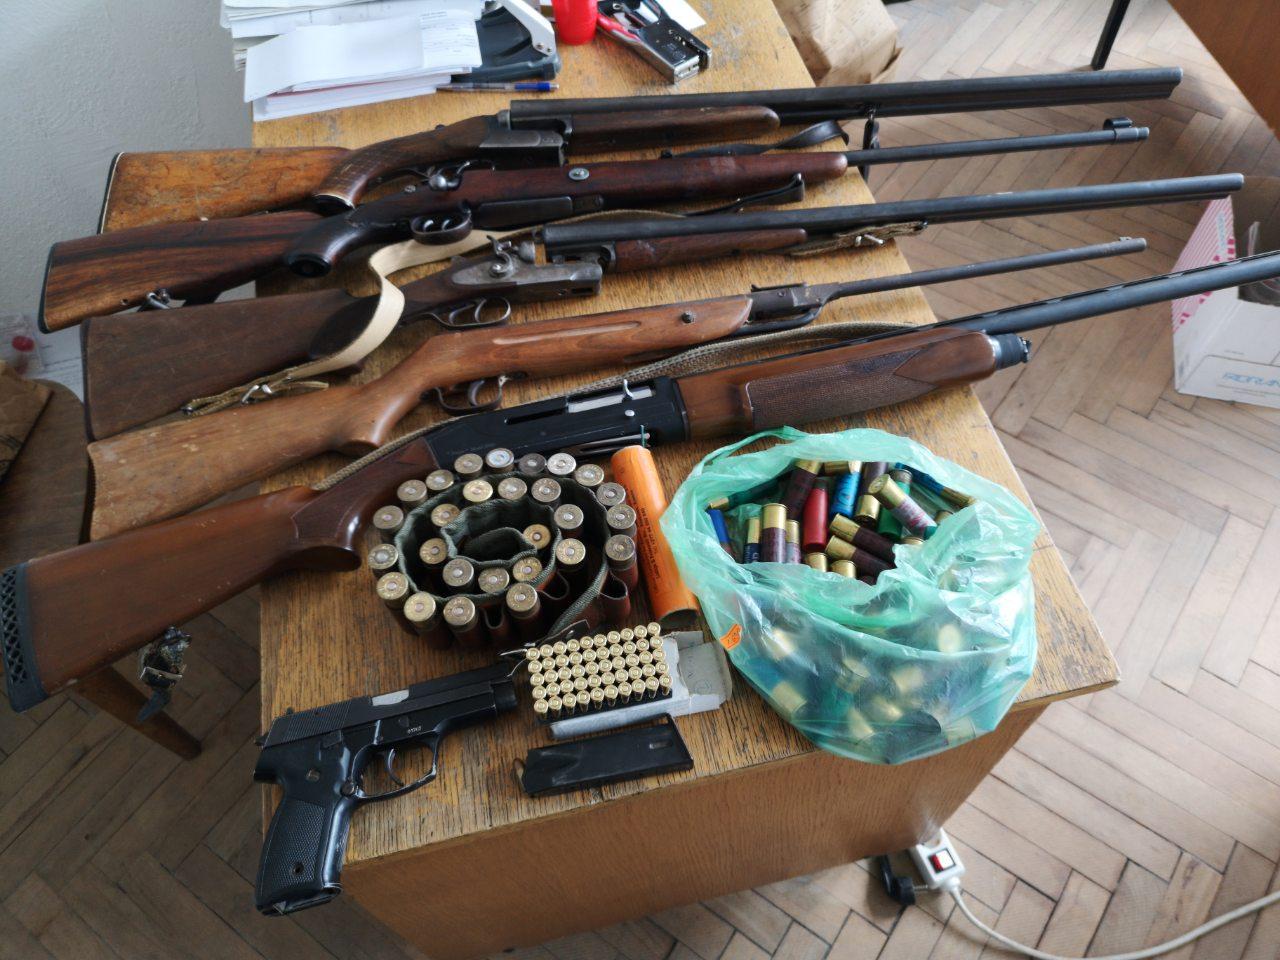 Битолчанец недозволено поседувал оружје: Еве што е пронајдено во неговиот дом